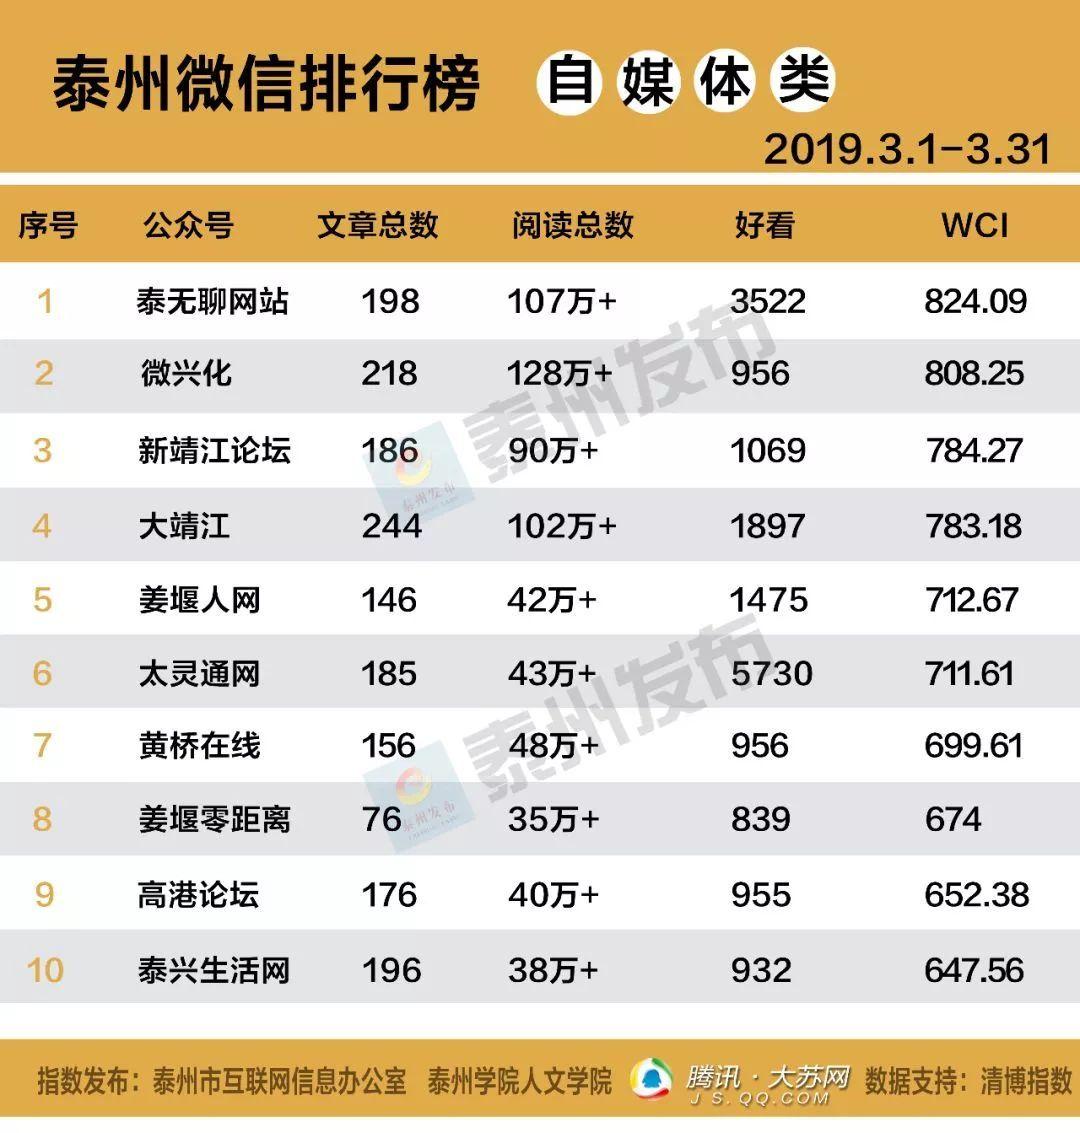 2019拐杖排行榜_2019亚洲大学排行榜出炉:清华大学首登榜首,北大下滑成